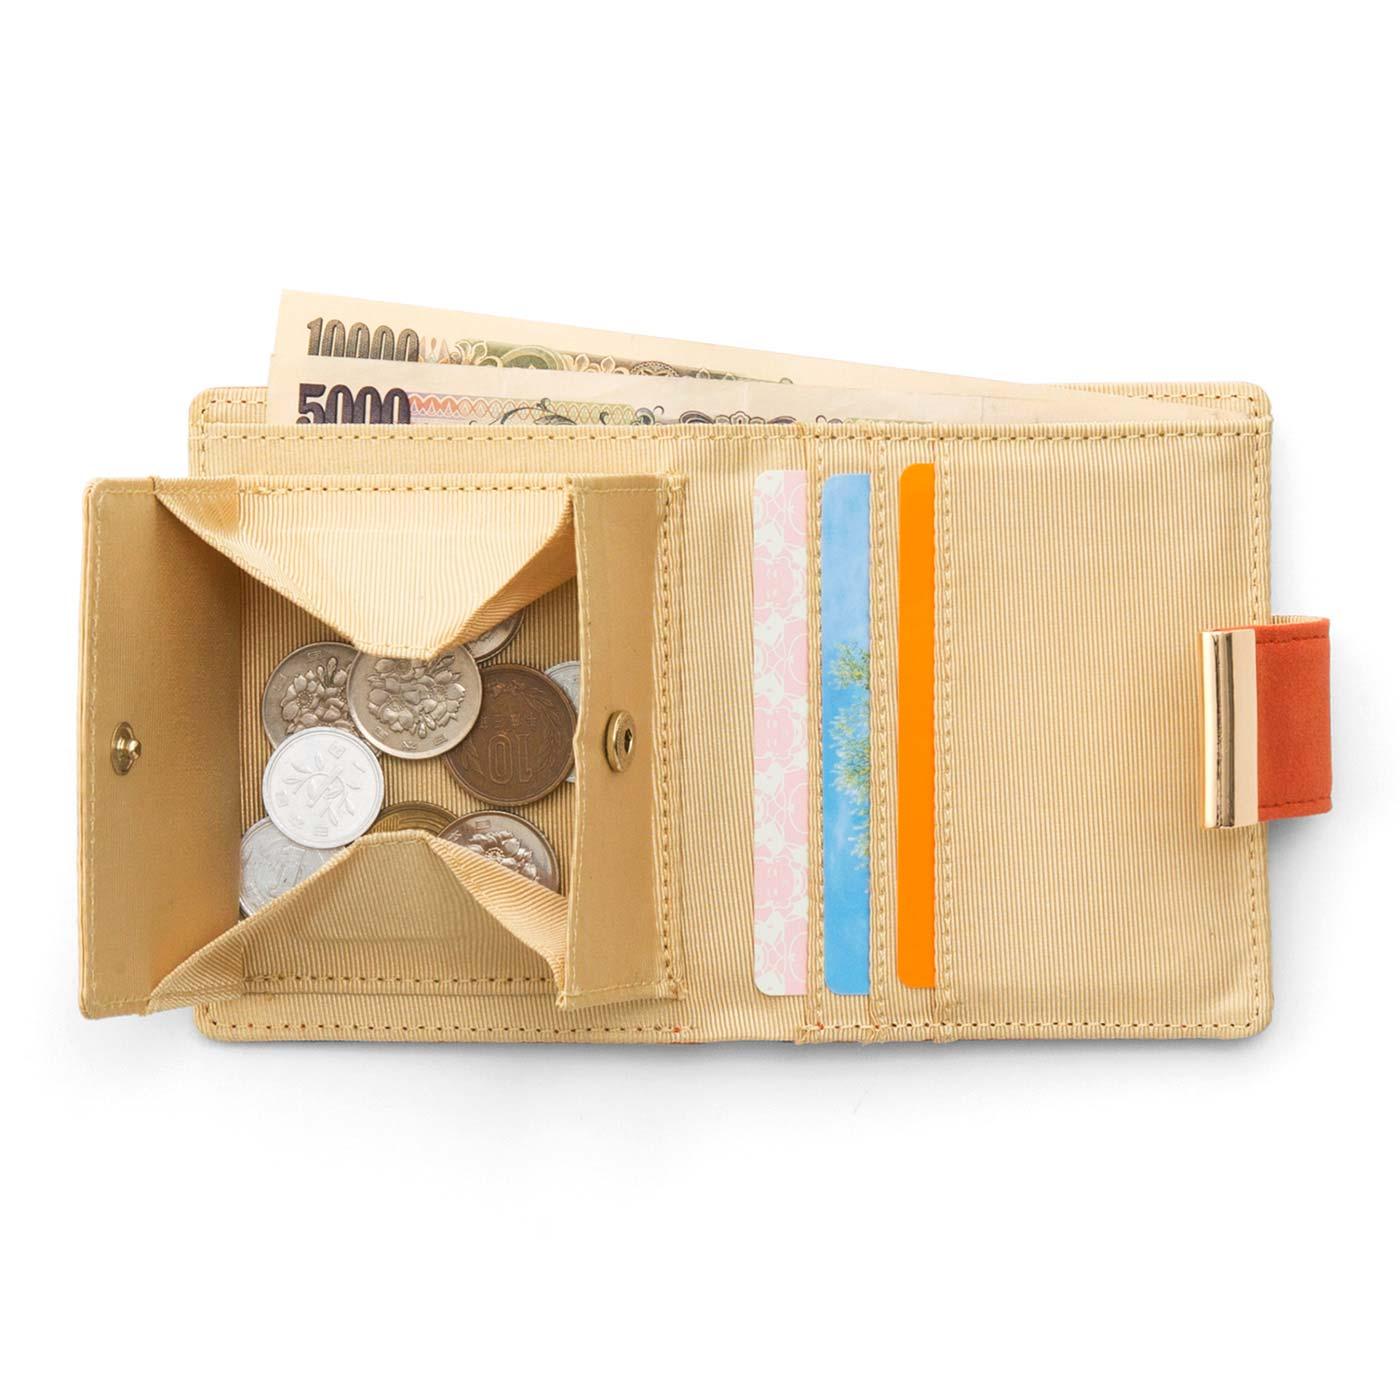 一目瞭然で取り出しやすいボックスタイプの小銭入れに、カードが3枚入るポケット付き。